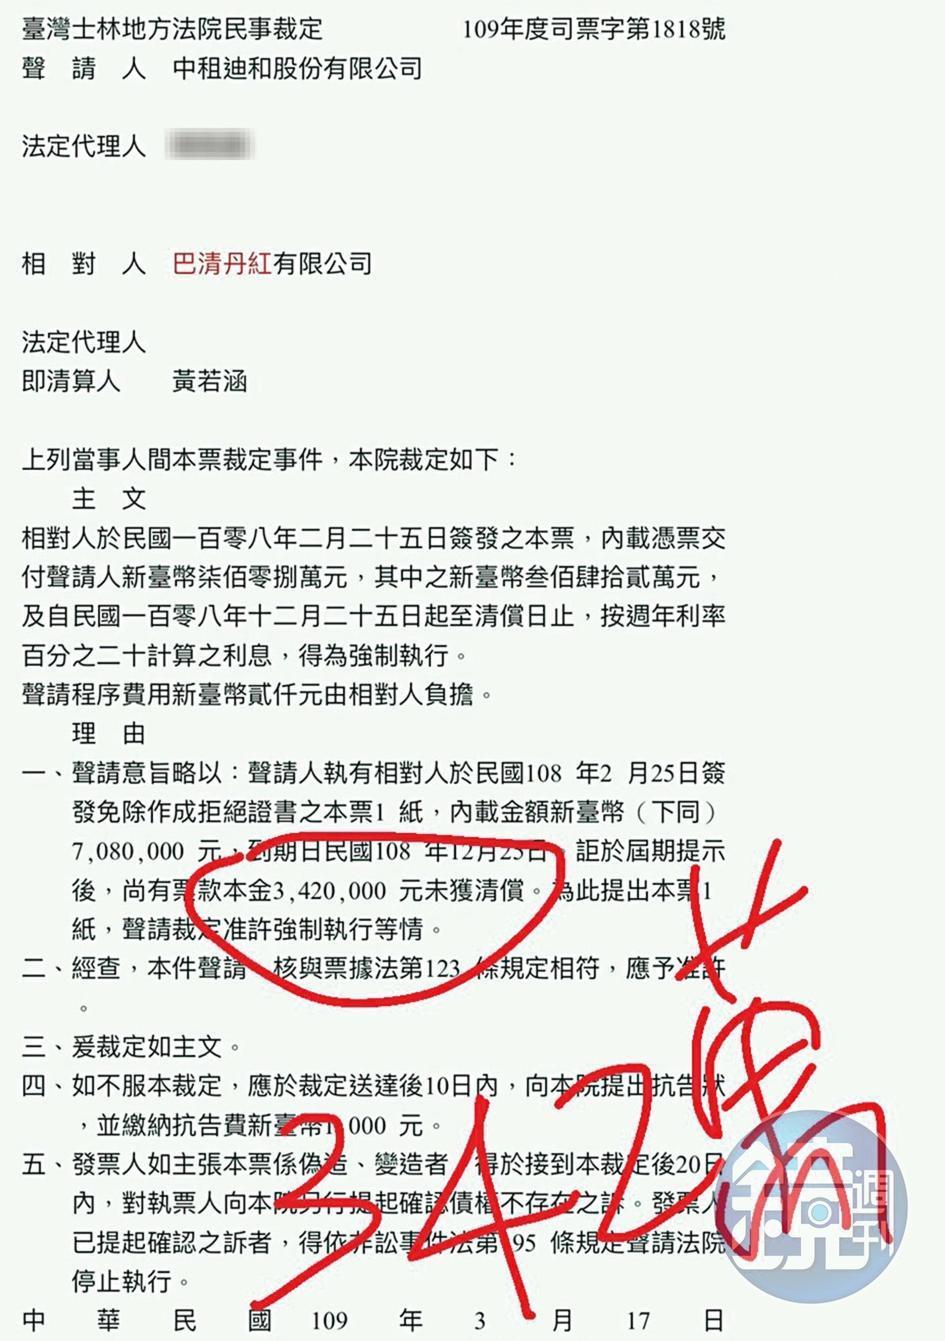 黃霈麒(原名黃若涵)成立的巴清丹紅公司,遭法院判決需清償中租迪和342萬元。(讀者提供)